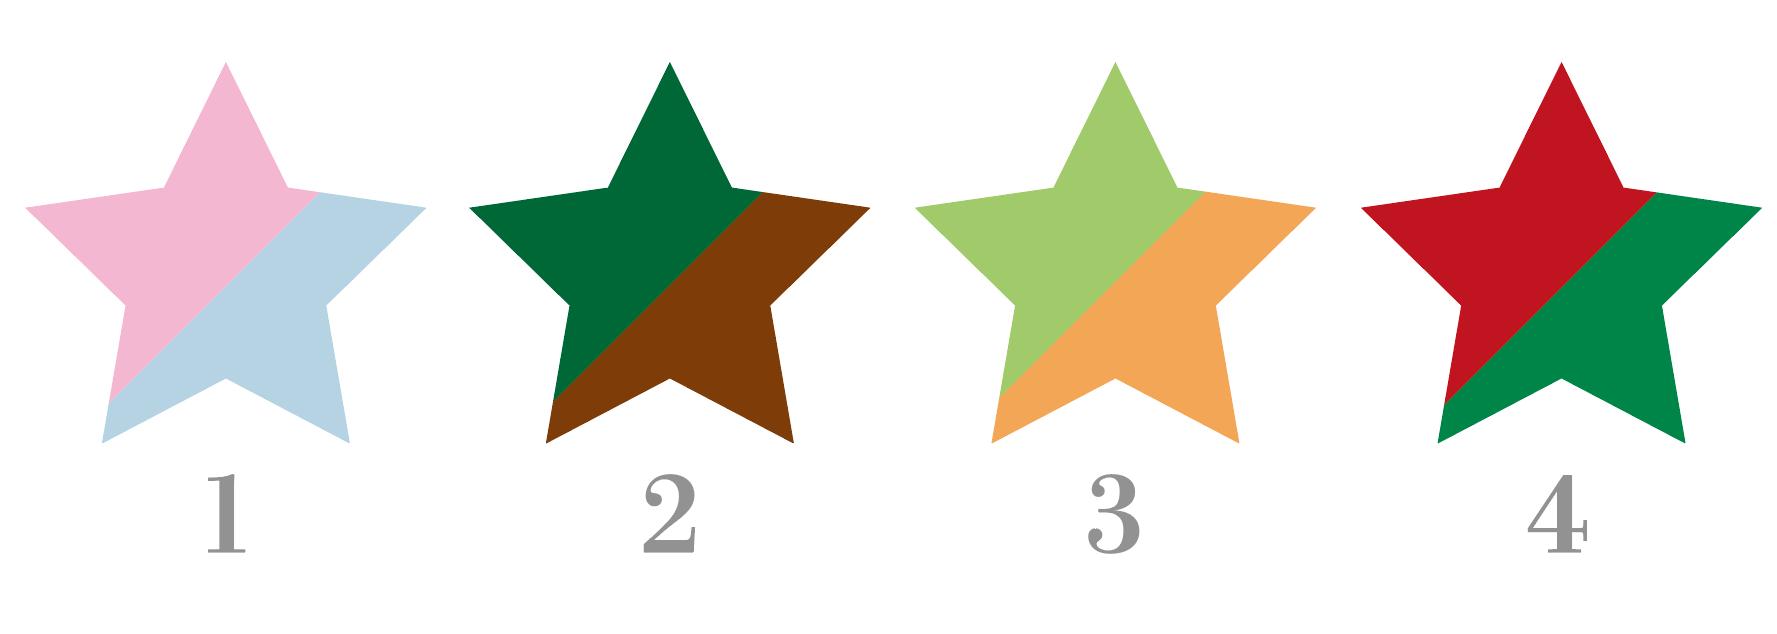 二色に塗り分けられた星型のイラスト例